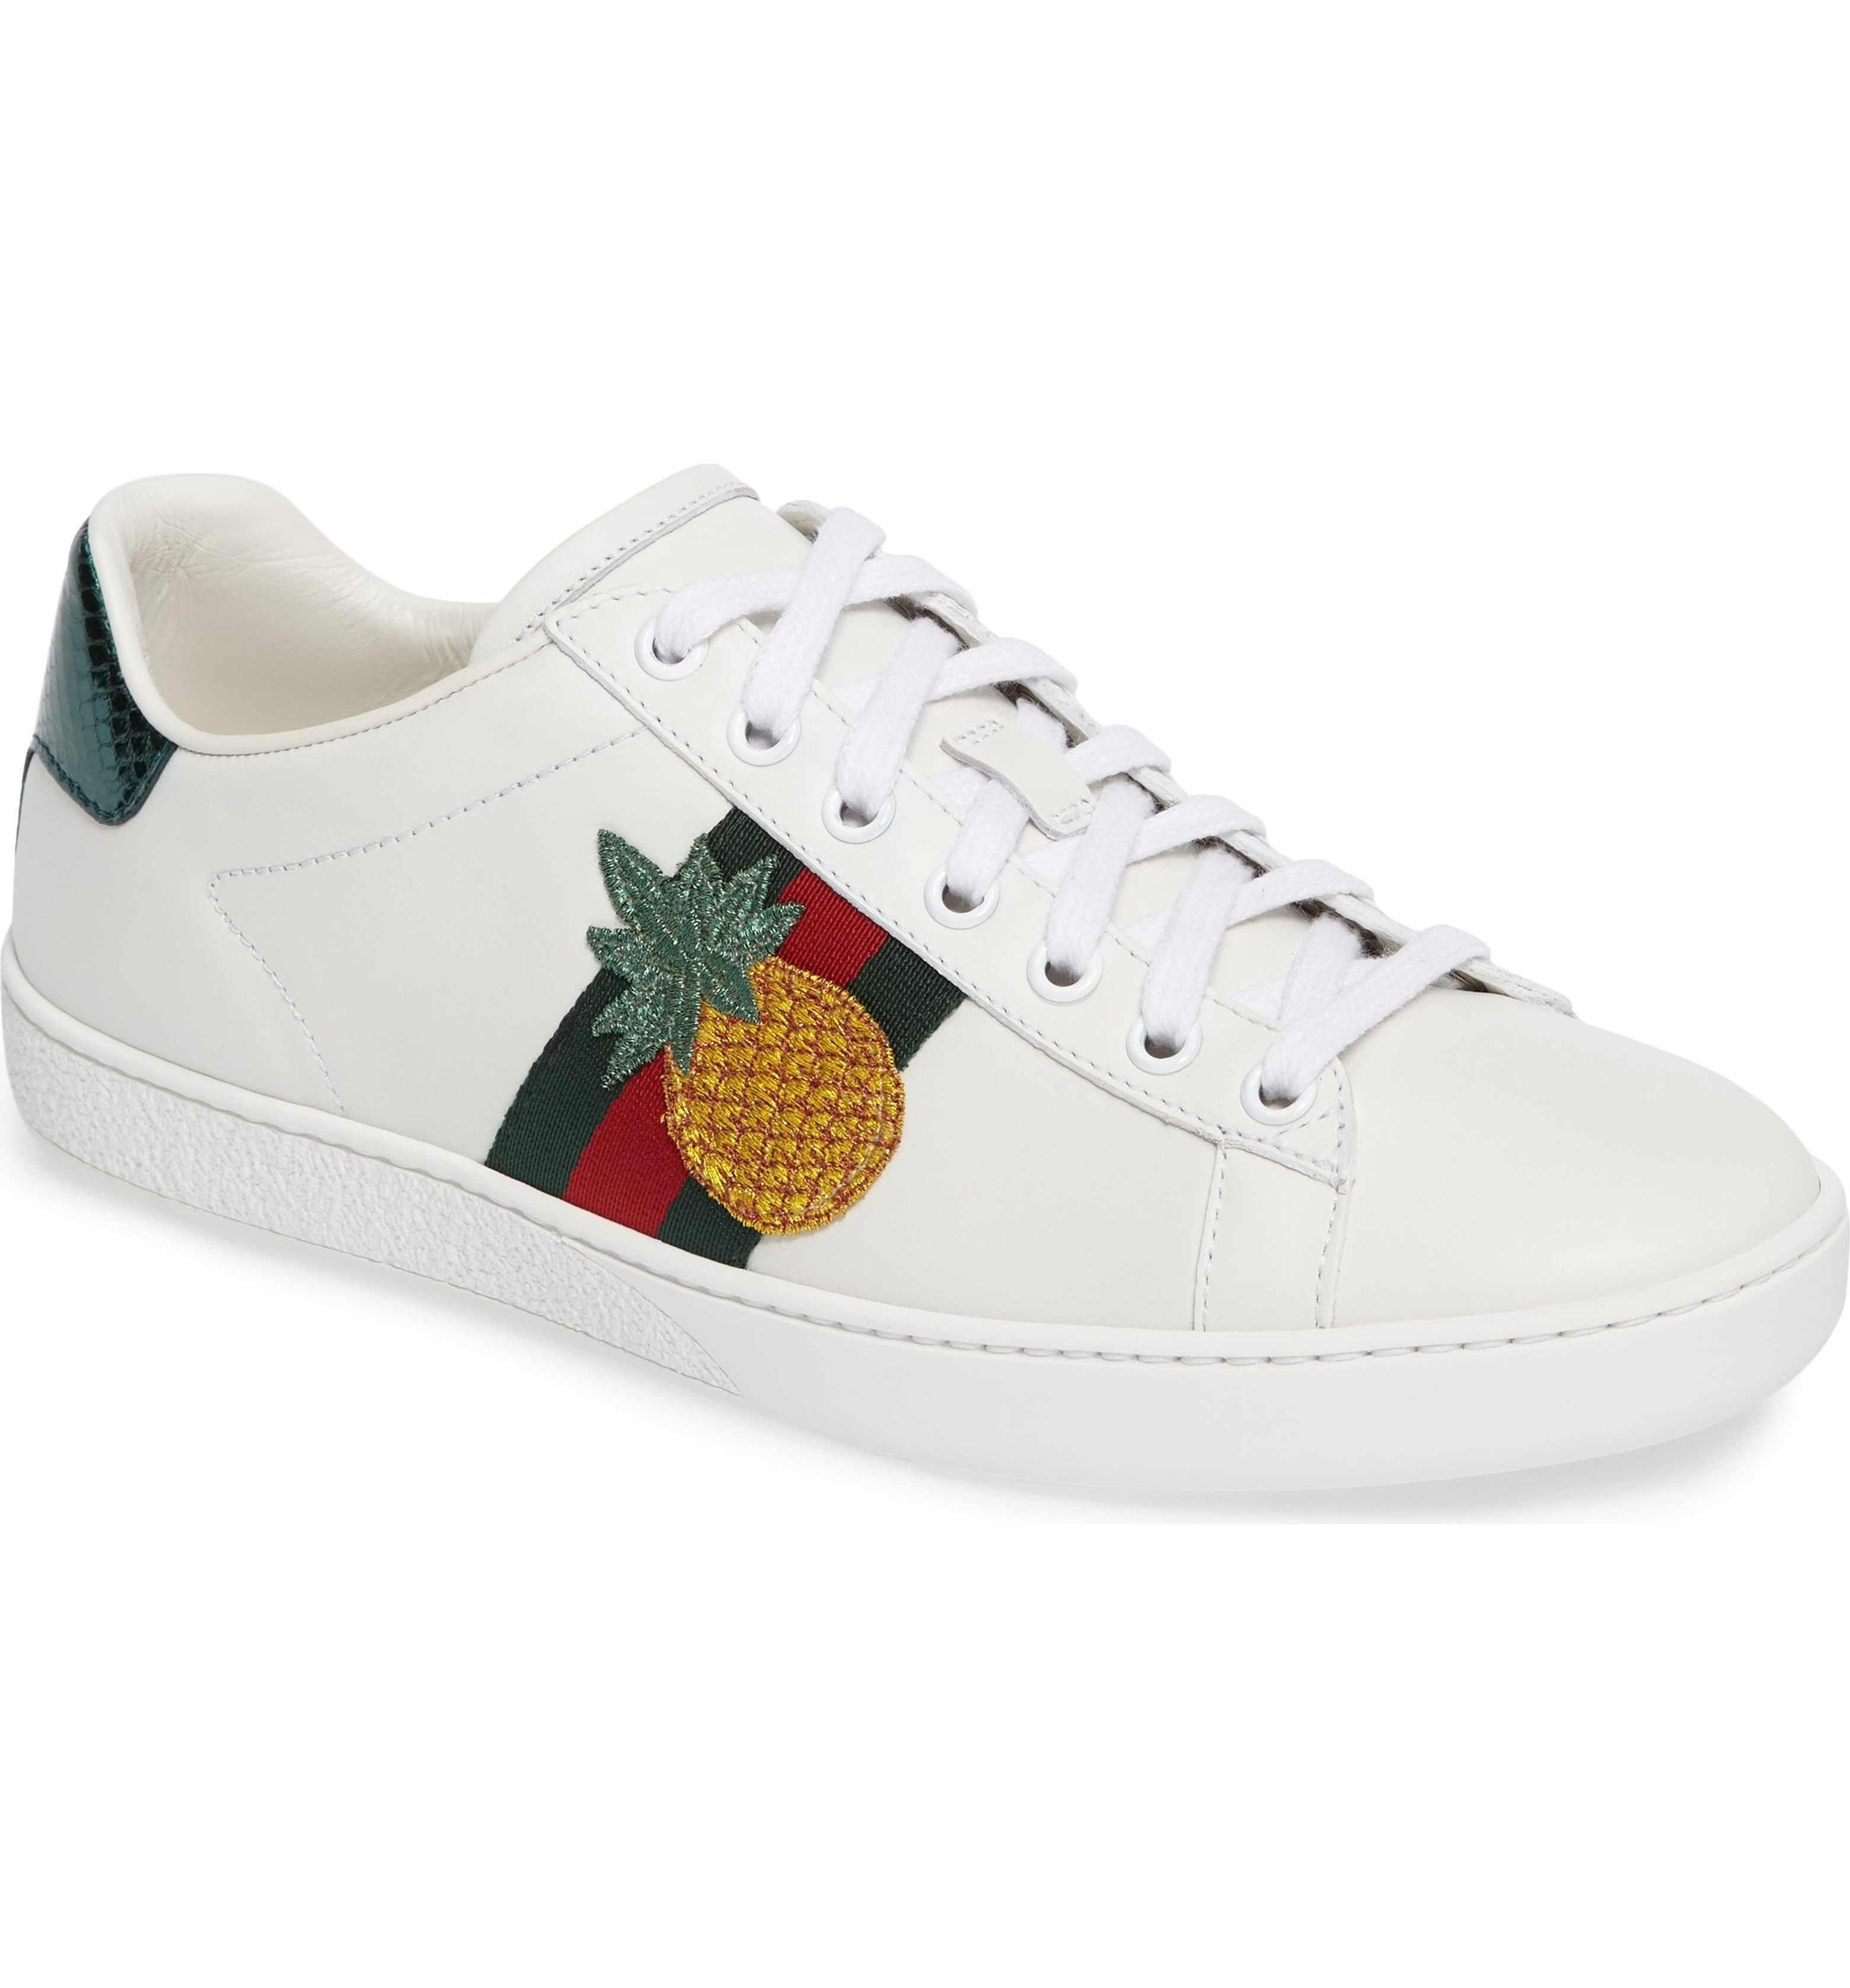 Gucci New Ace Pineapple Sneaker (Women